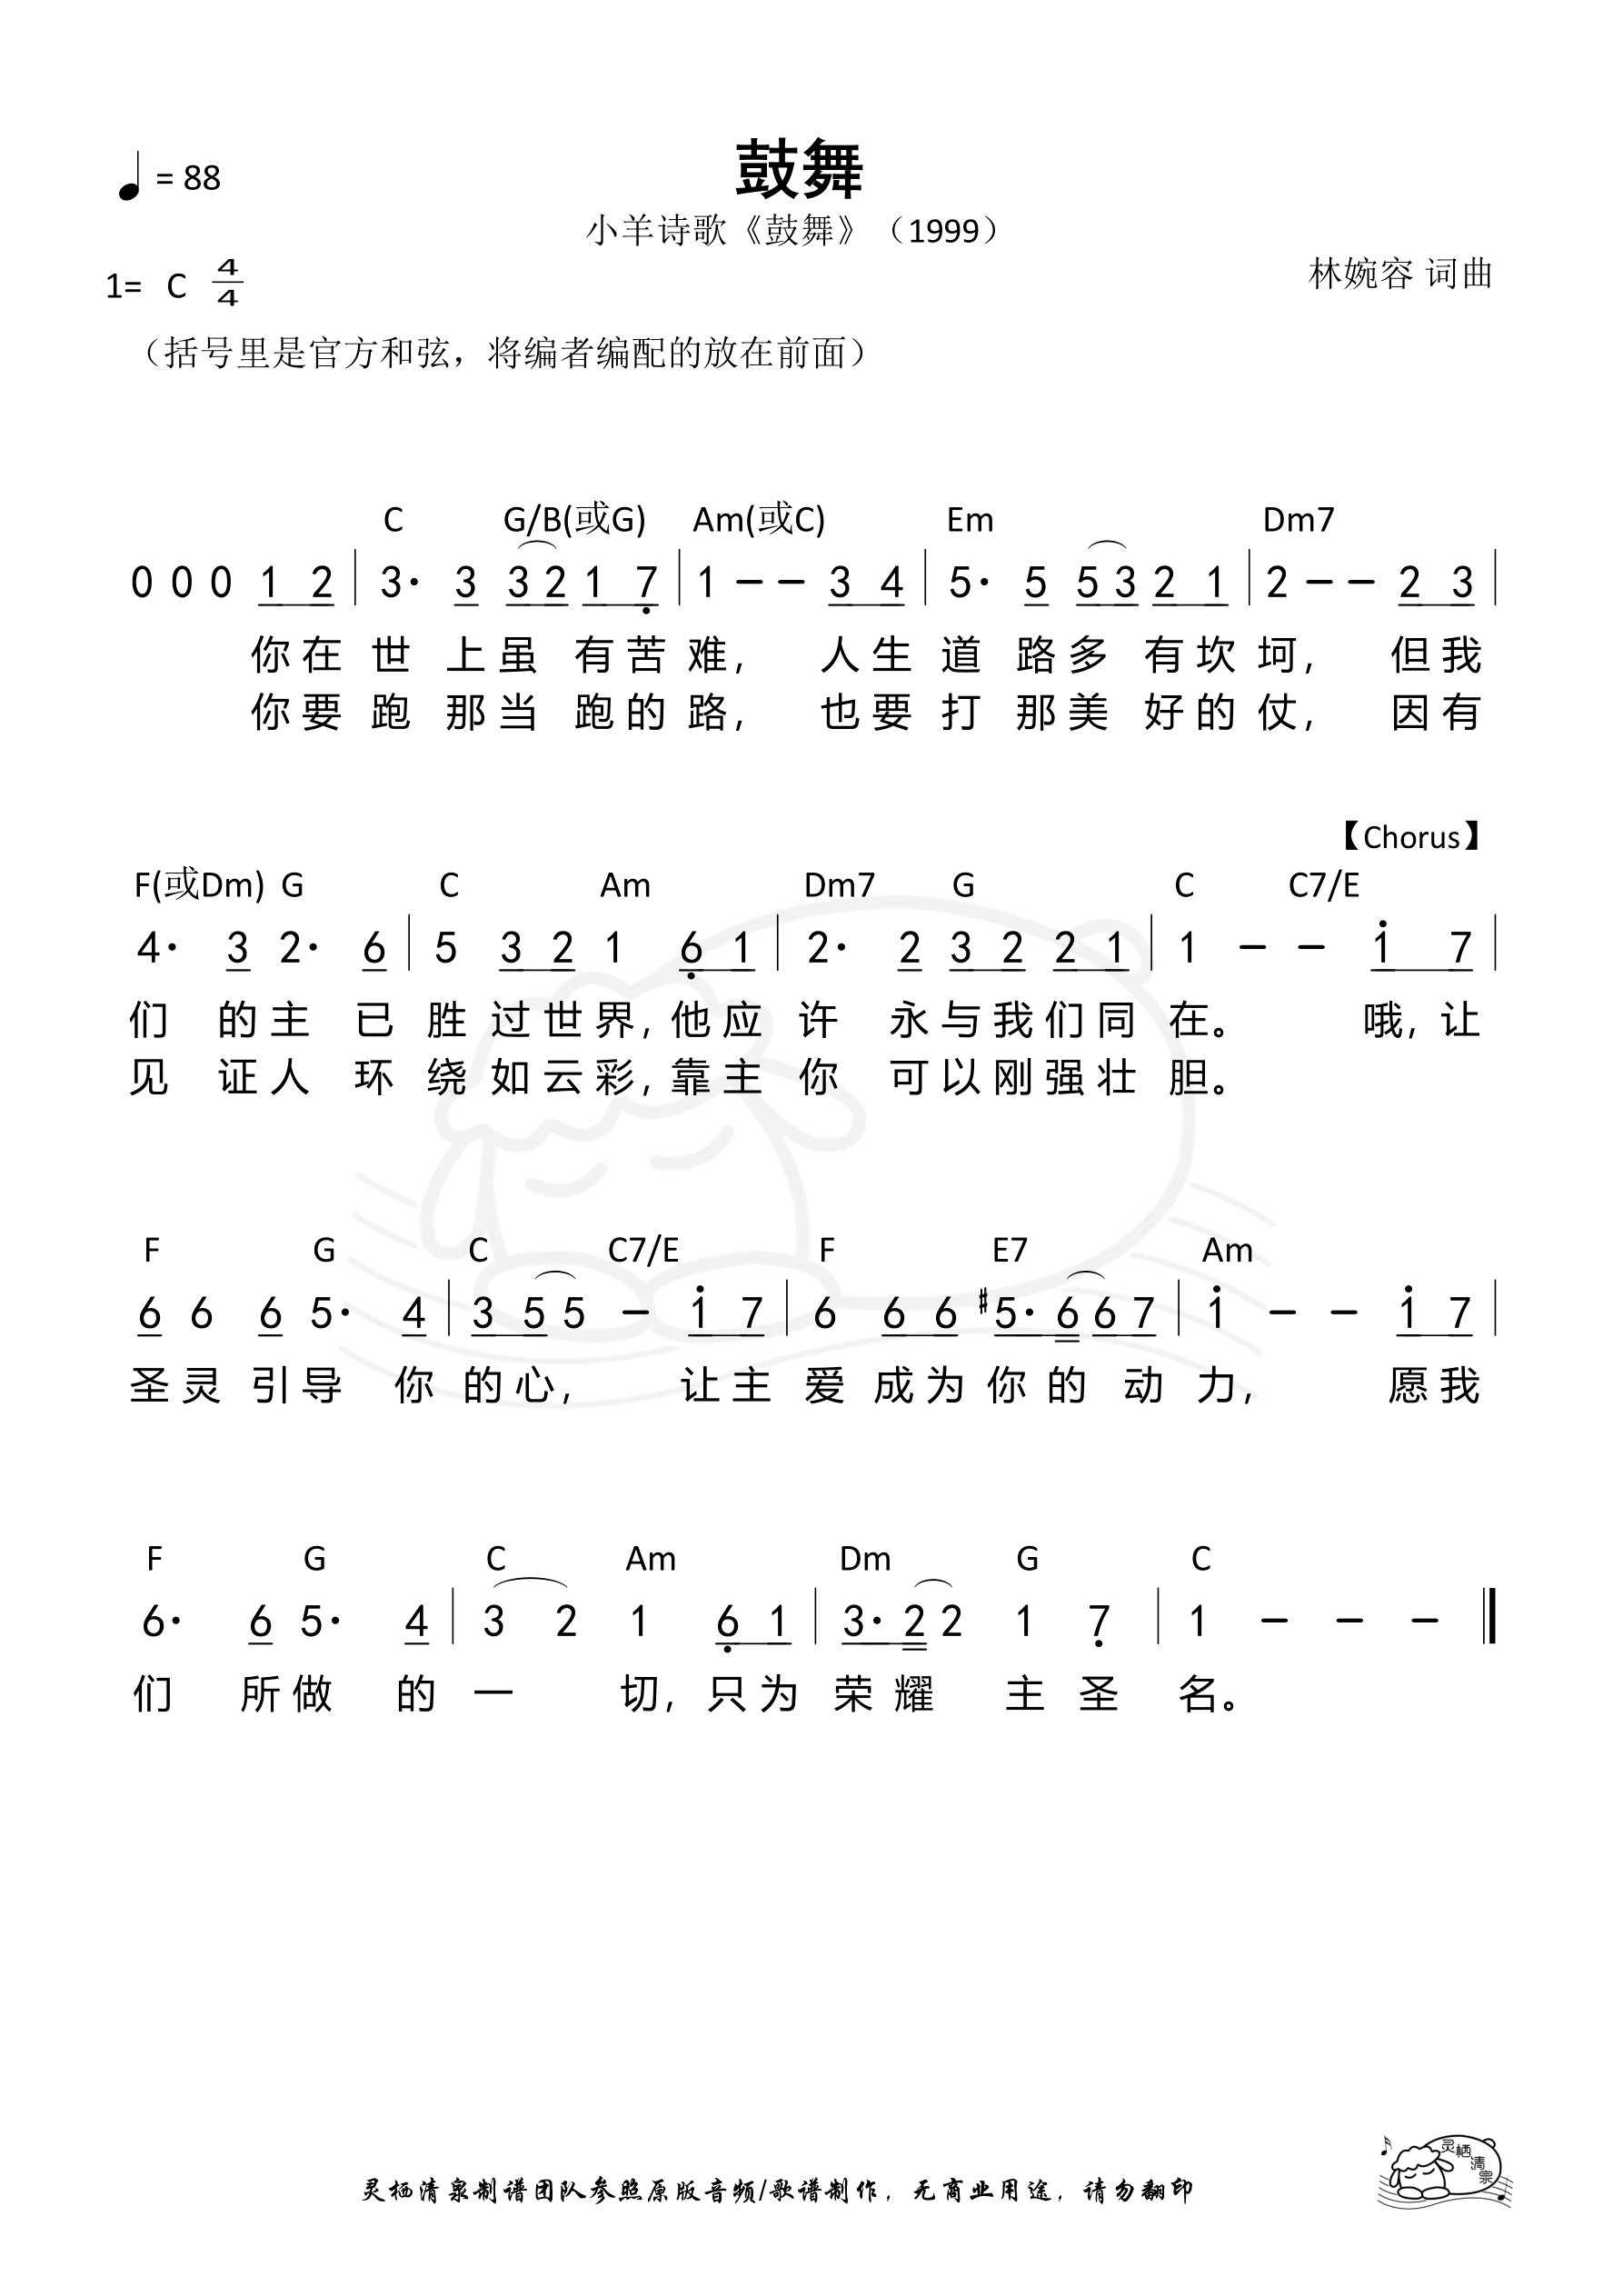 《第602首 - 鼓舞 和弦简谱》